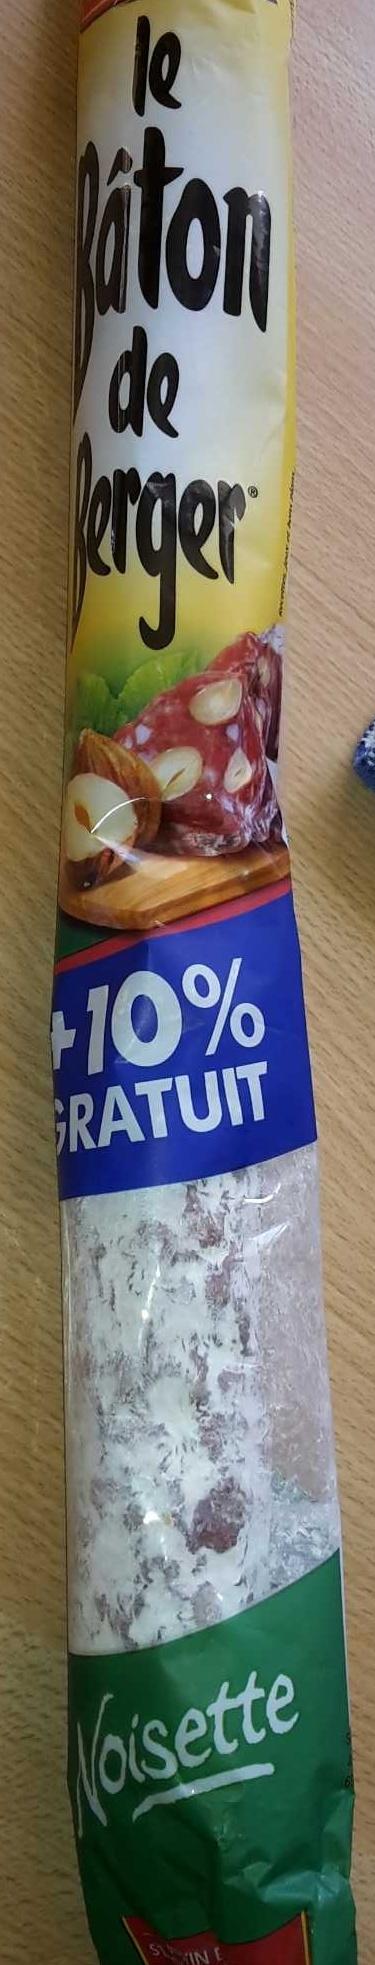 Le Bâton de Berger Noisette (+10 % gratuit) - 产品 - fr